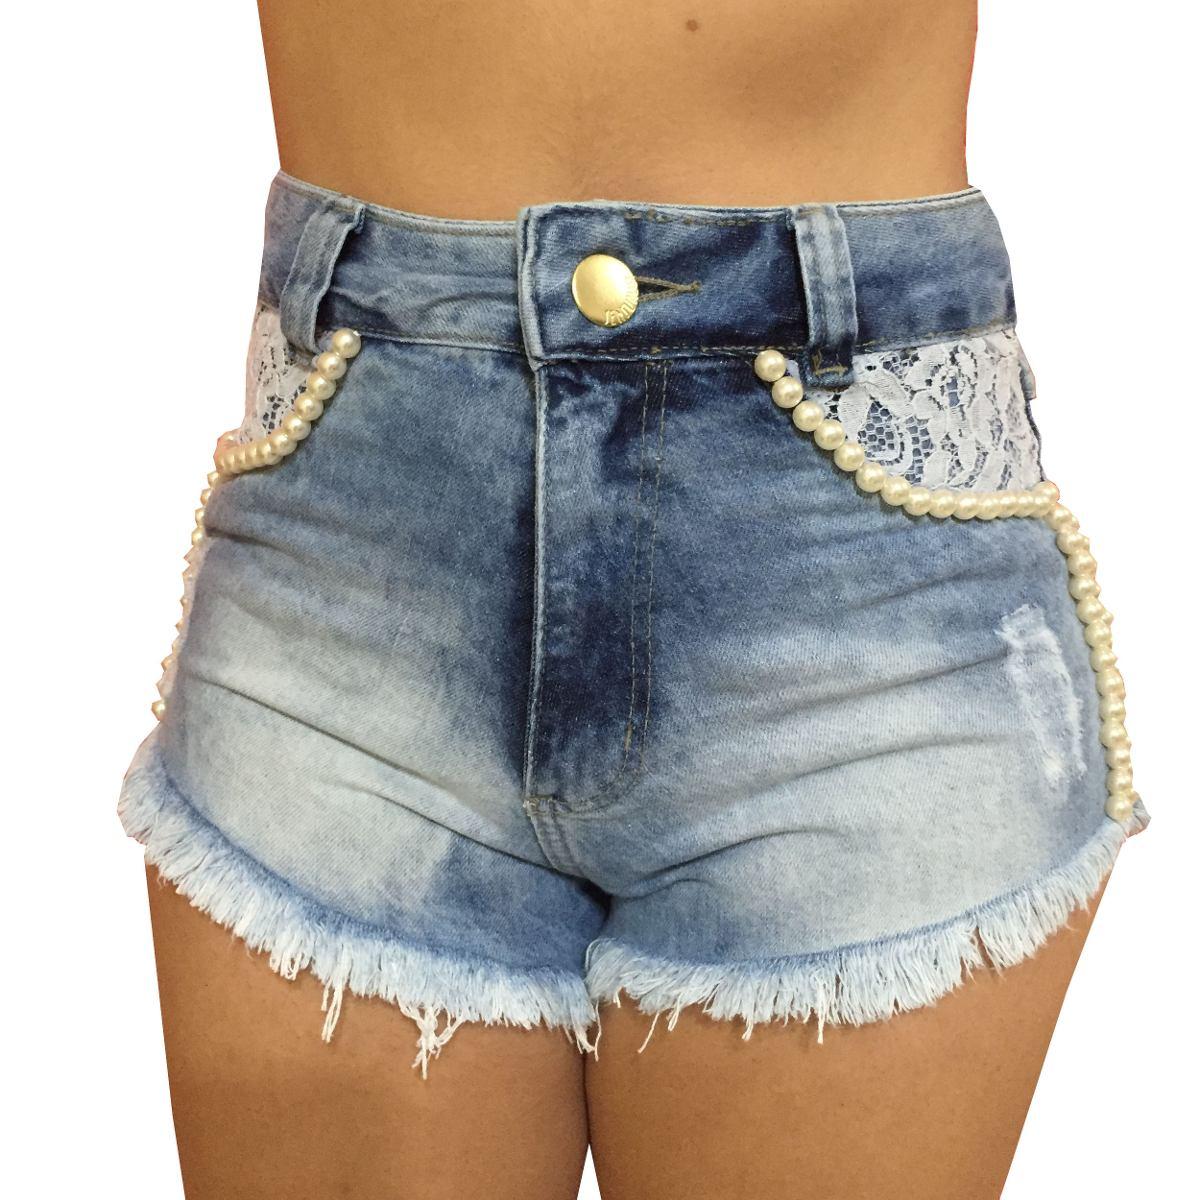 Shorts Cintura Alta Hot Pants Jeans Feminino Pu00e9rola E Renda - R$ 7990 em Mercado Livre